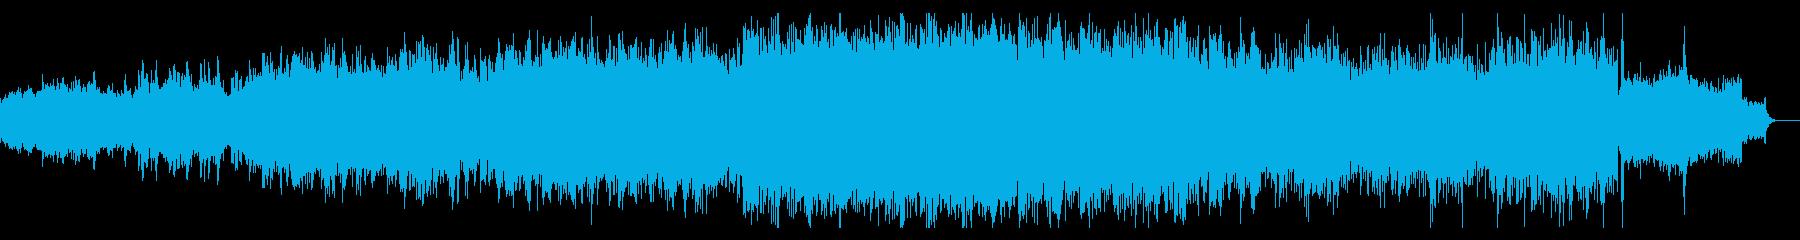 ディープでグリッジなシンセアンビエントの再生済みの波形